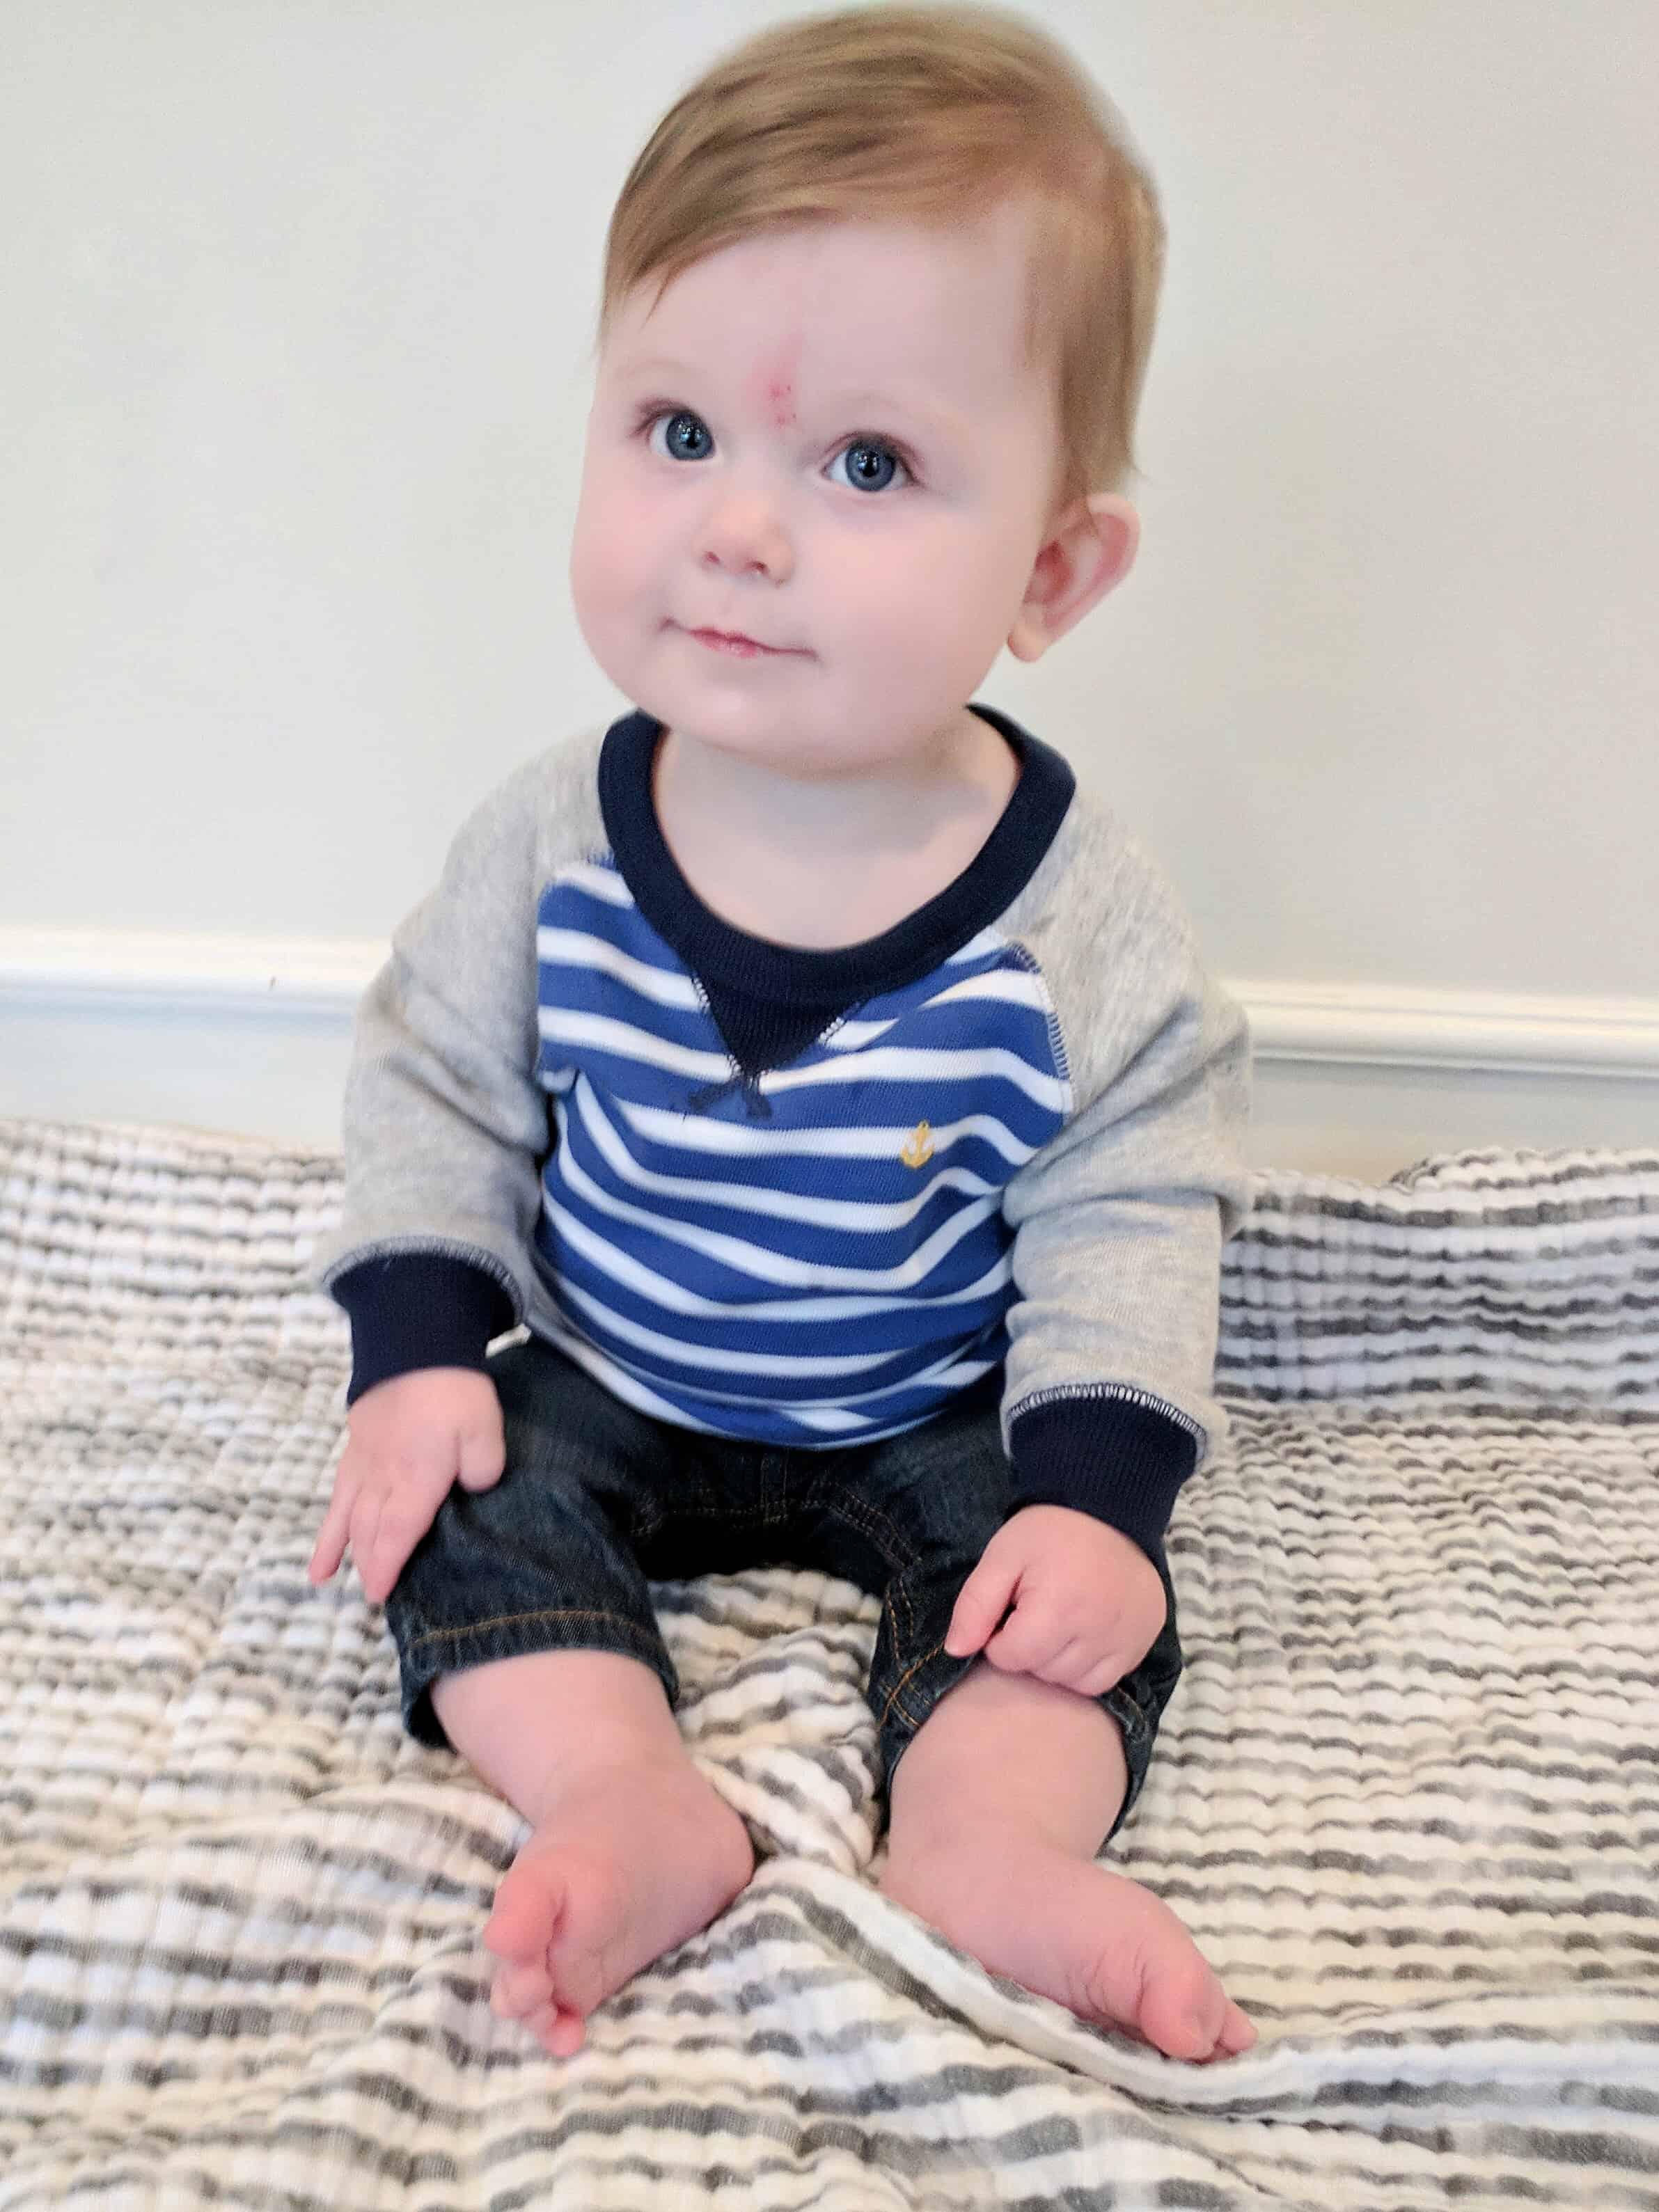 Baby boy in blue striped sweatshirt